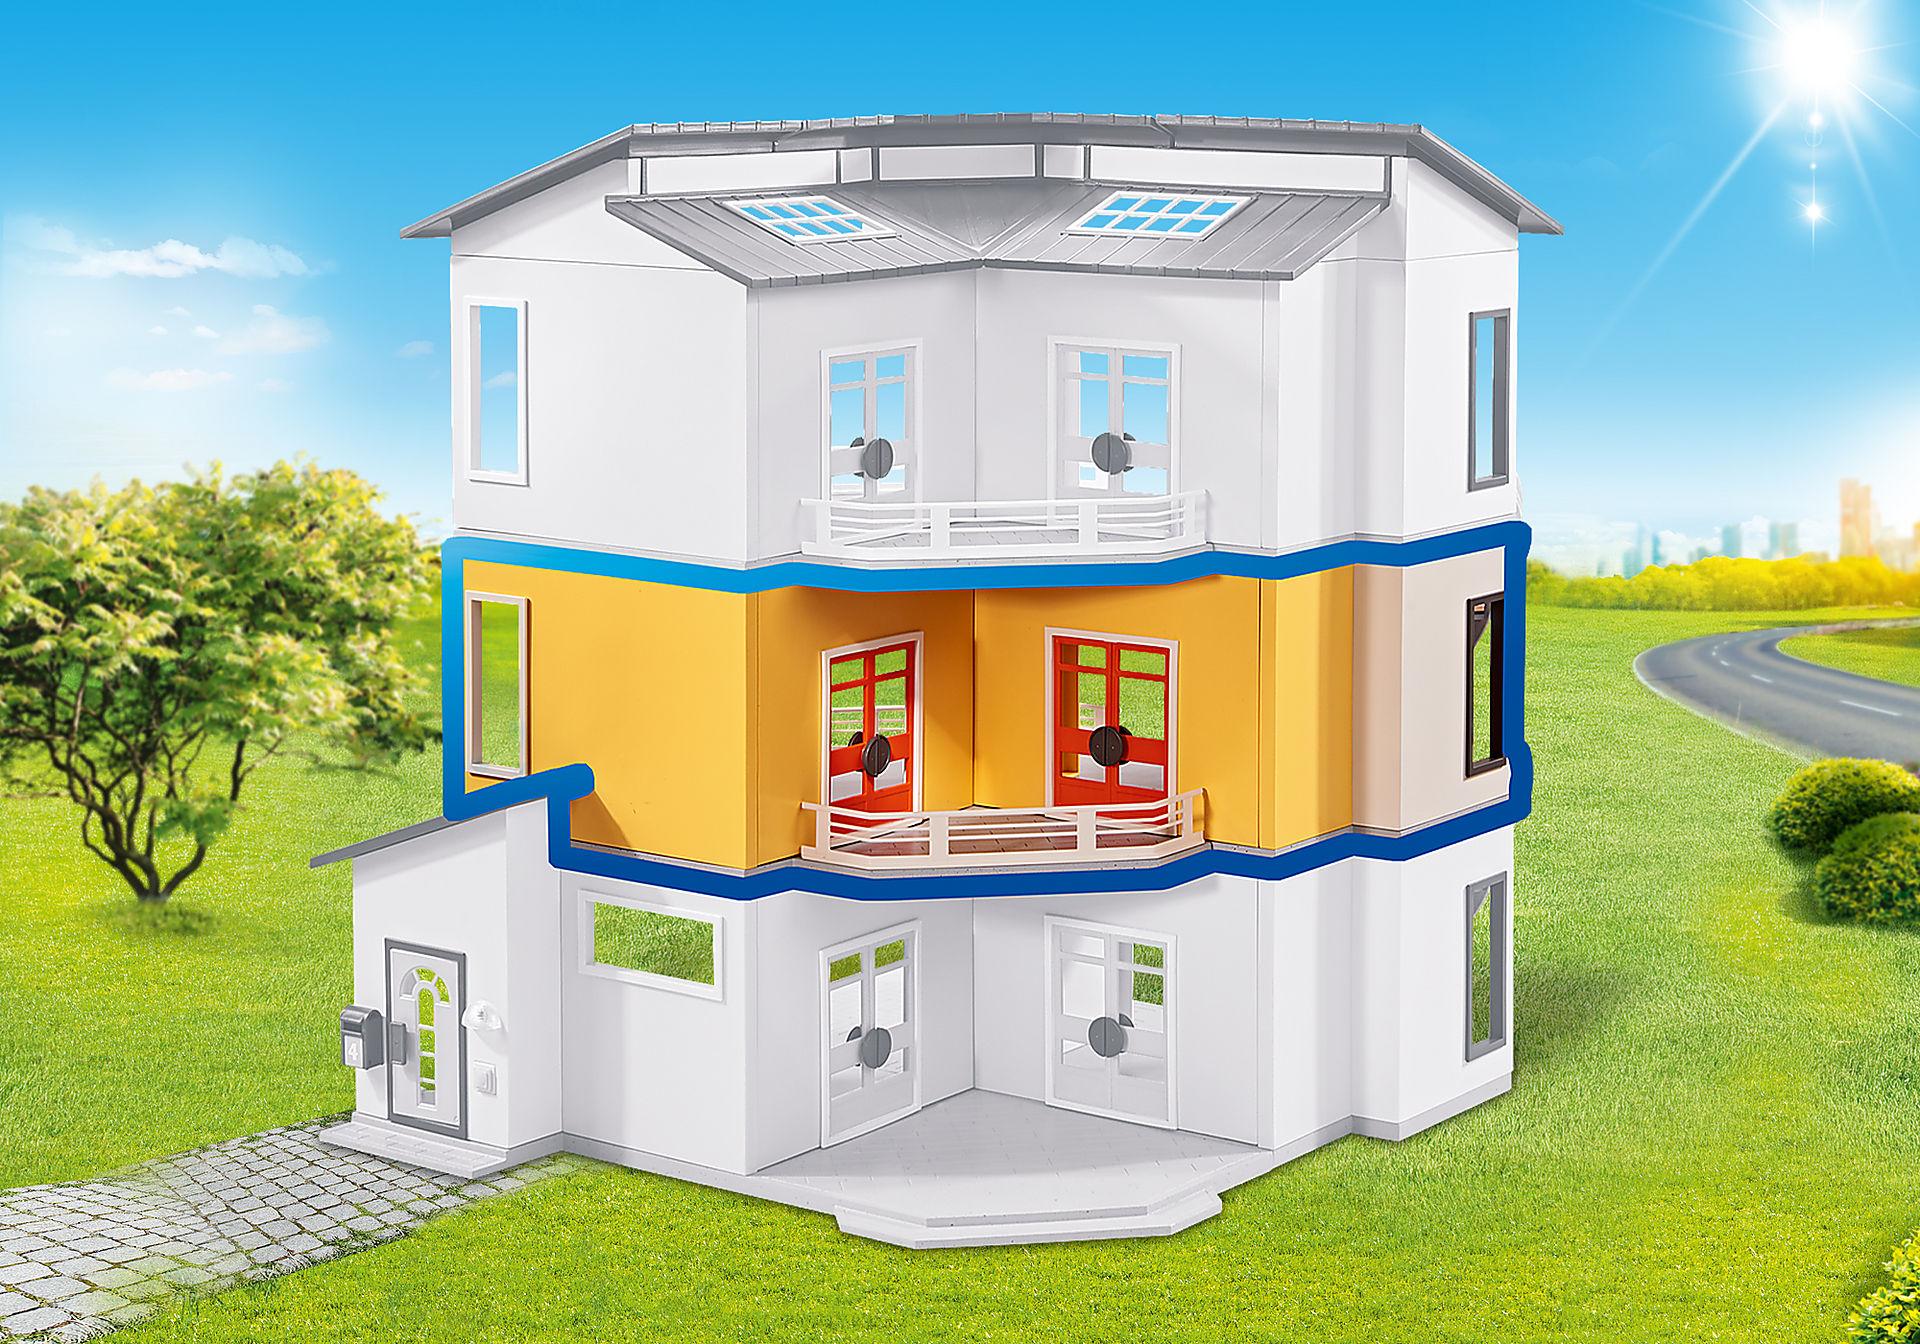 6554 Επέκταση ορόφου για το Μοντέρνο Σπίτι zoom image1